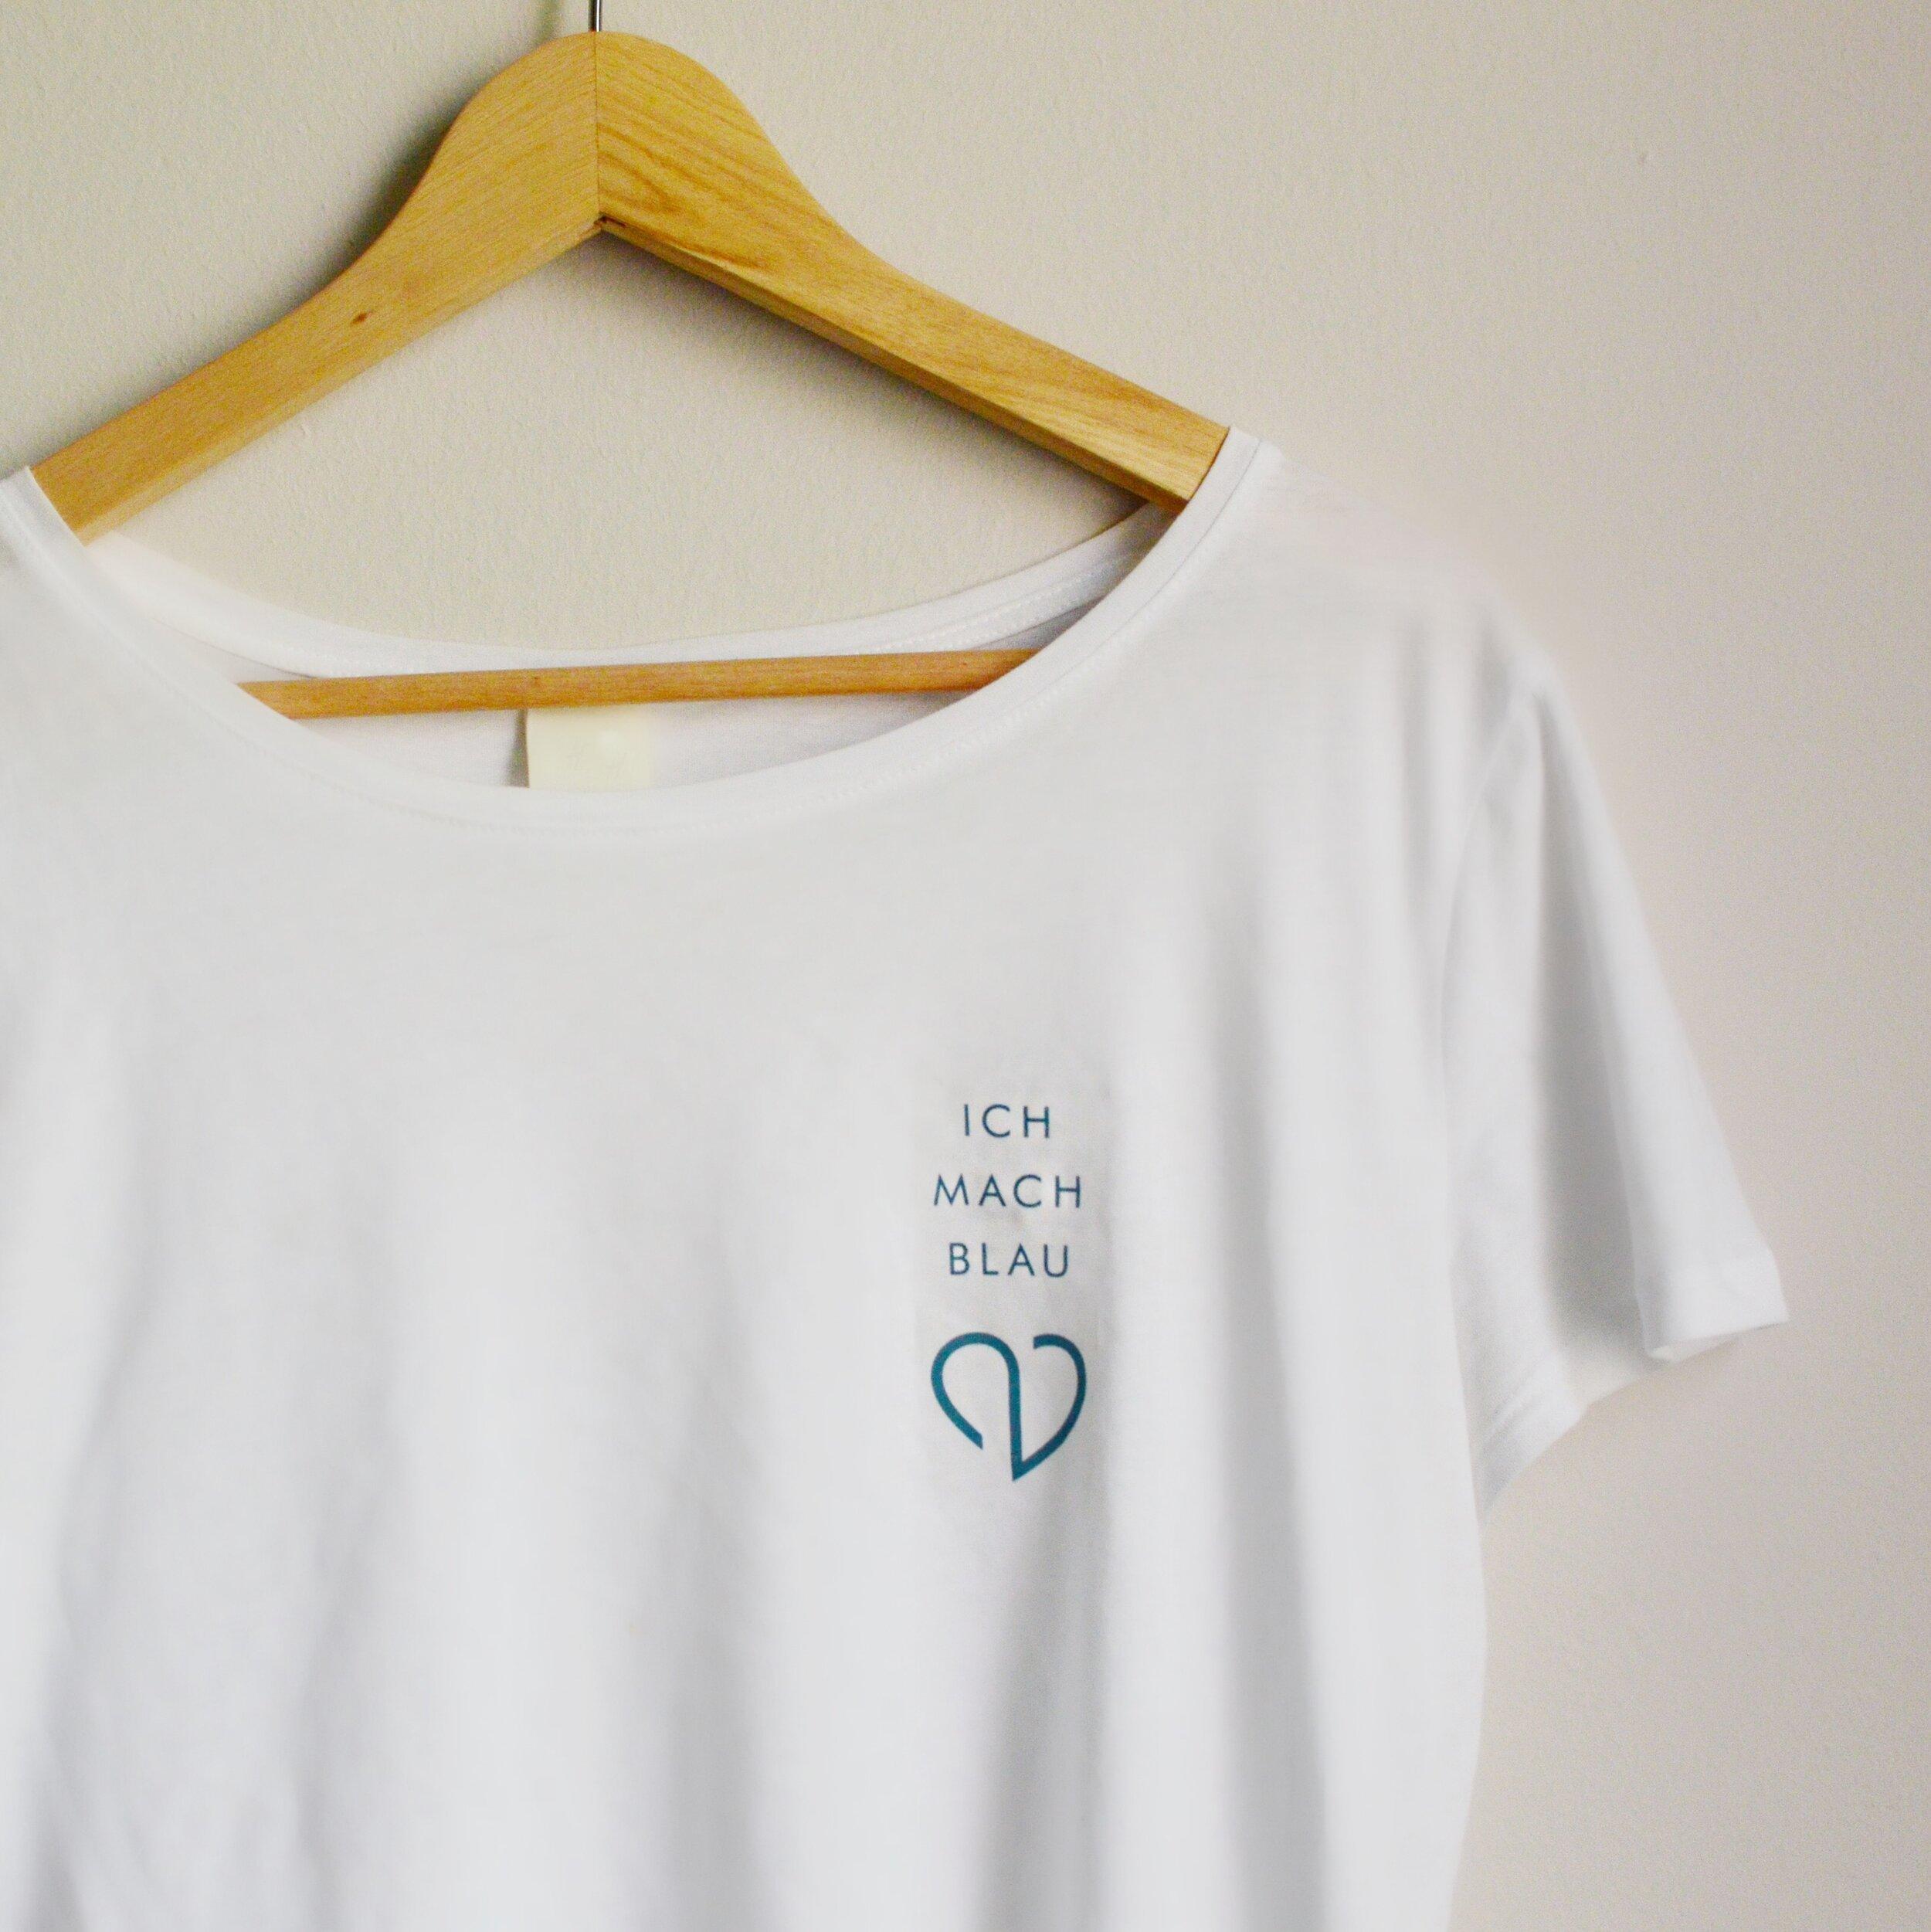 Bild 5 Frauen T Shirt ich mach blau a - Kopie.JPG